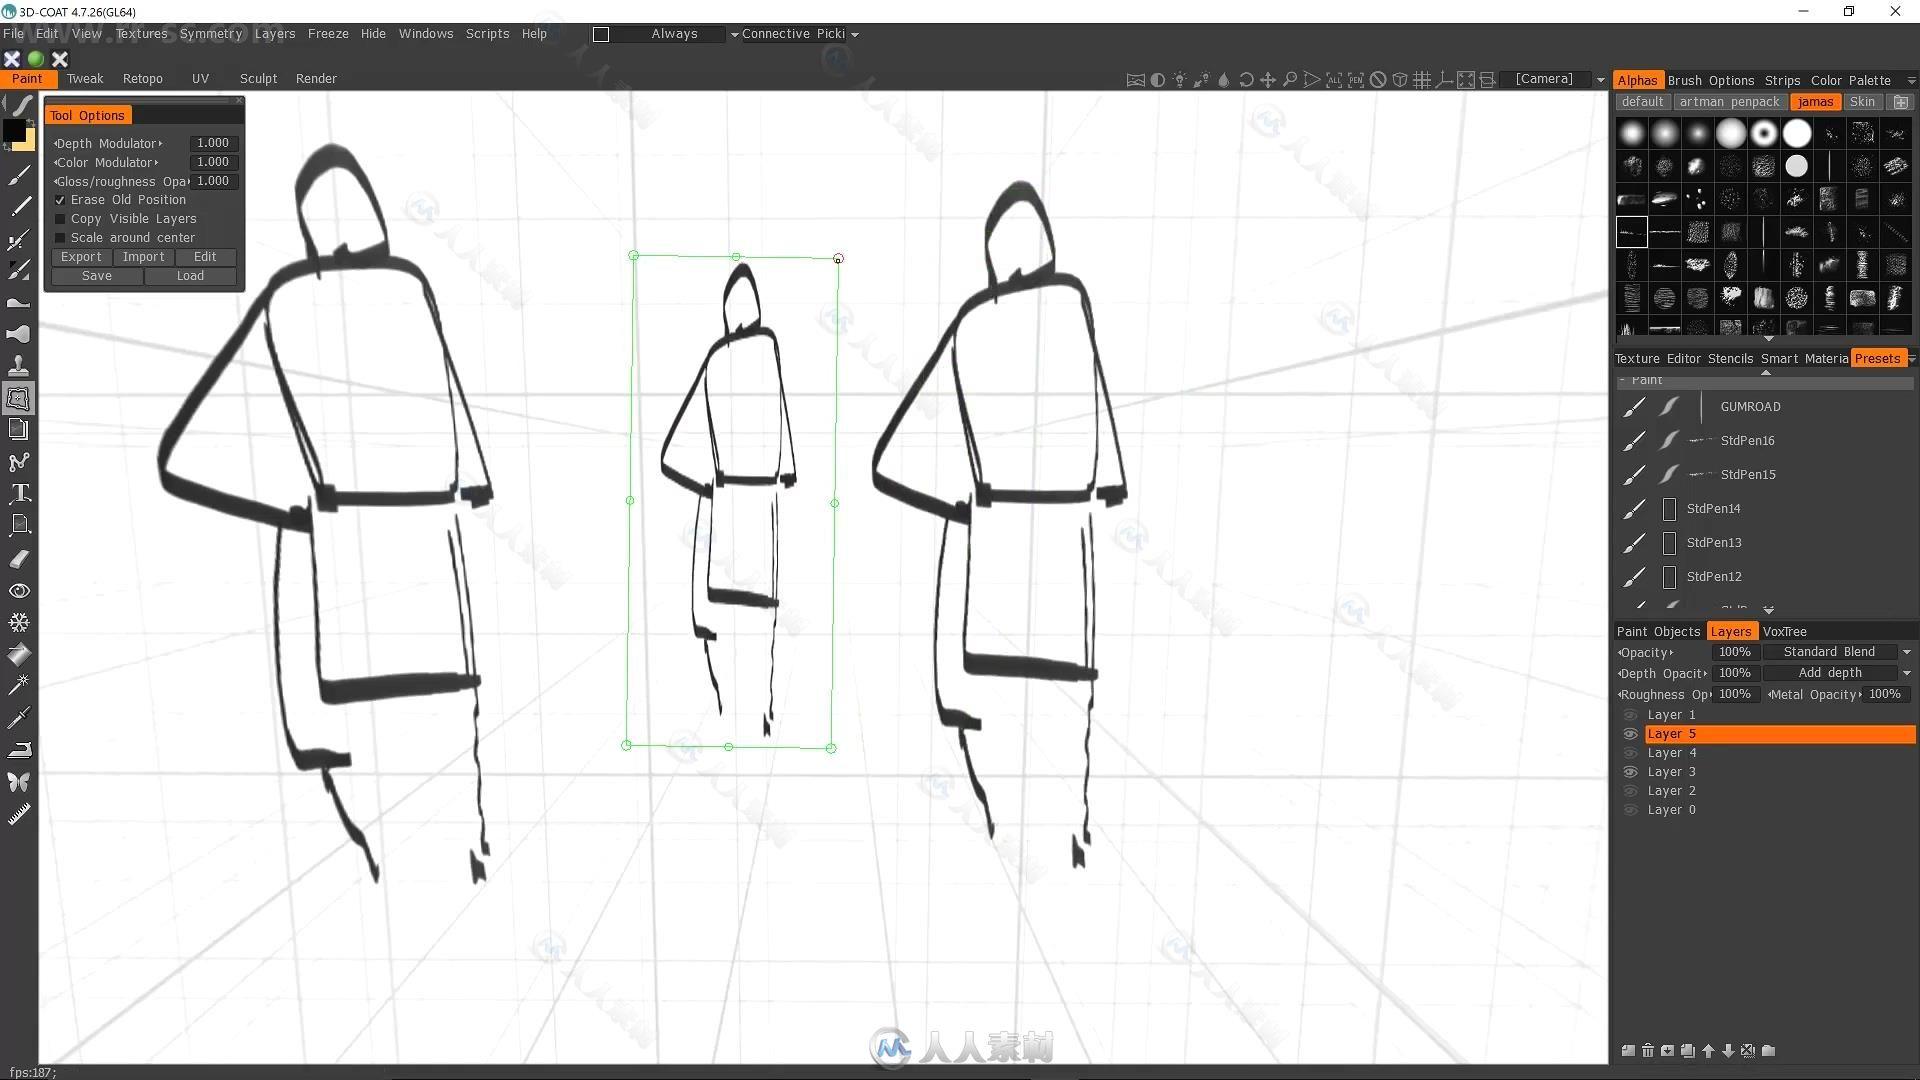 360VR全景数字笔刷绘画游戏场景实例制作视频教程